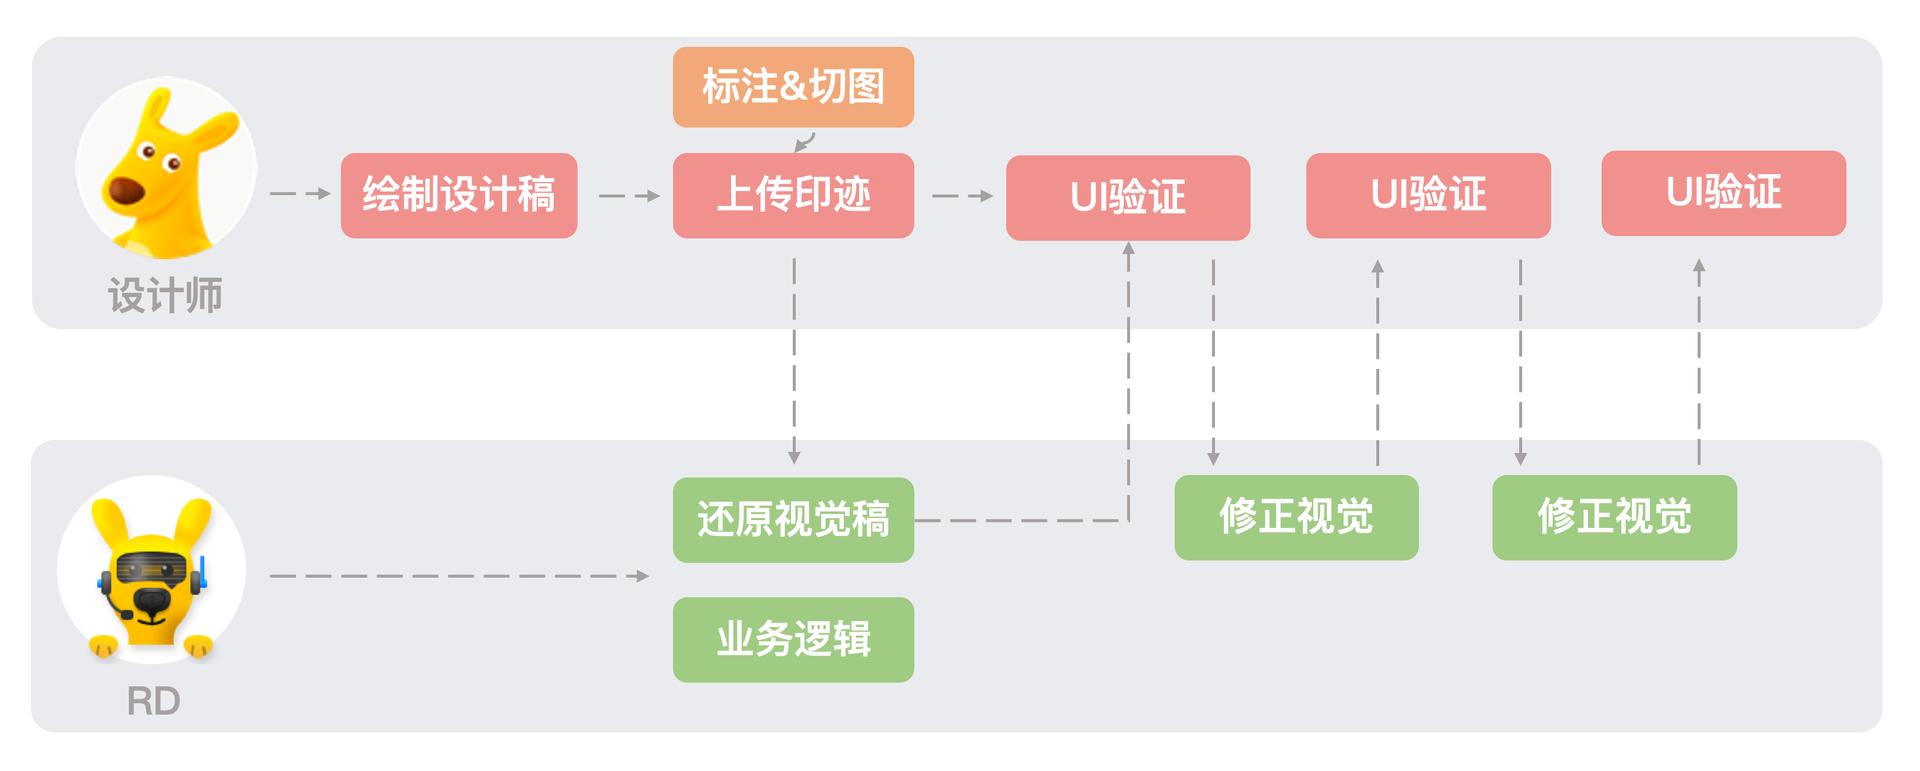 未建立外卖DPL模型之前开发流程